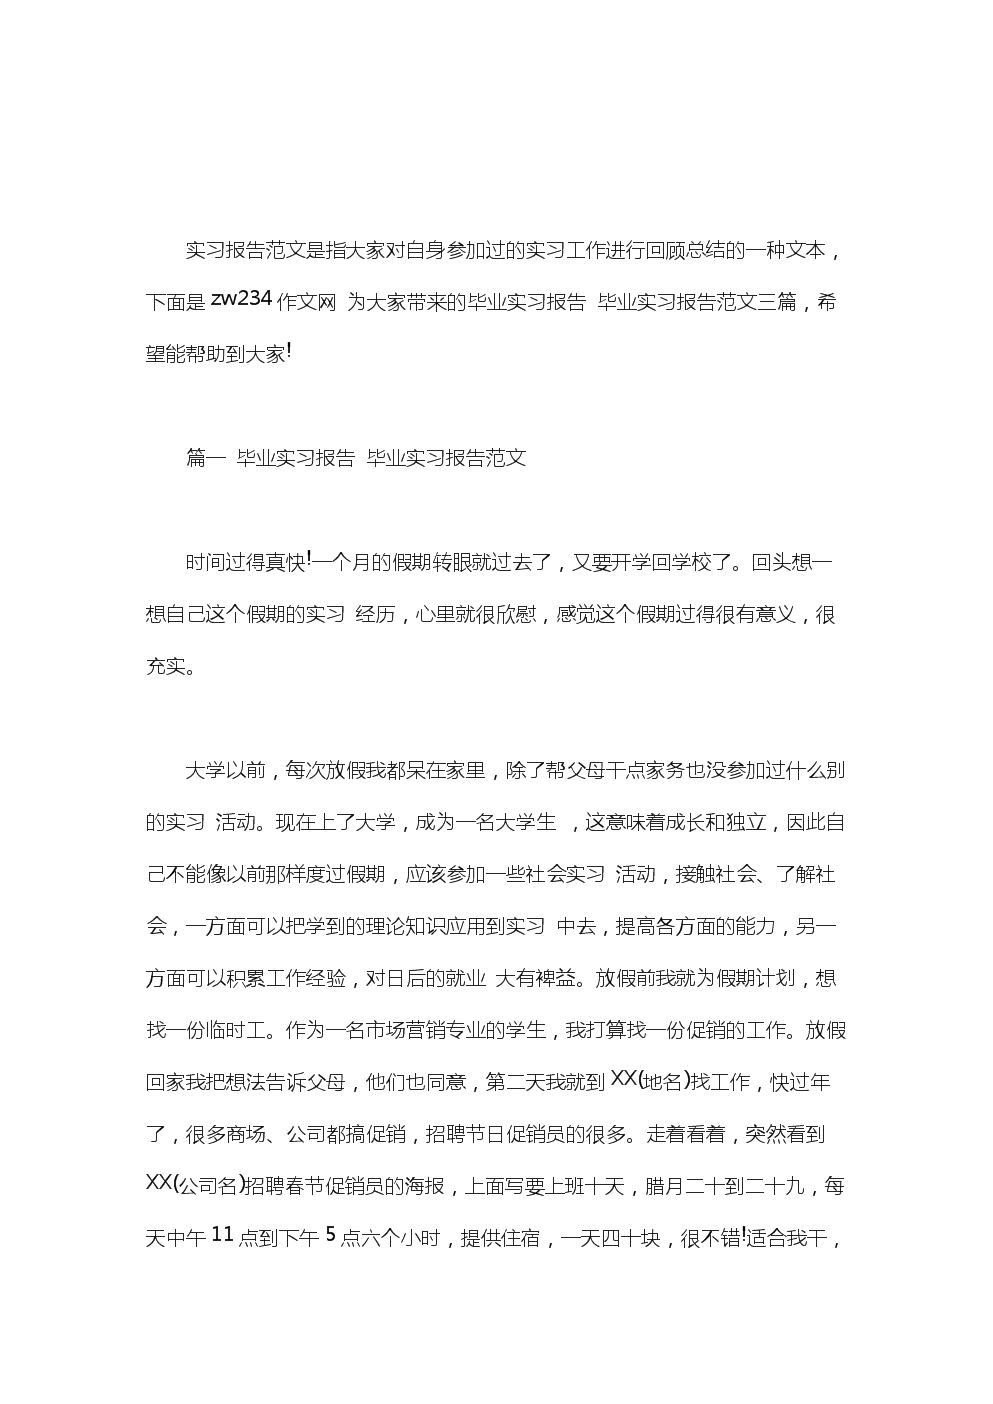 毕业实习报告 毕业实习报告范文三篇.doc